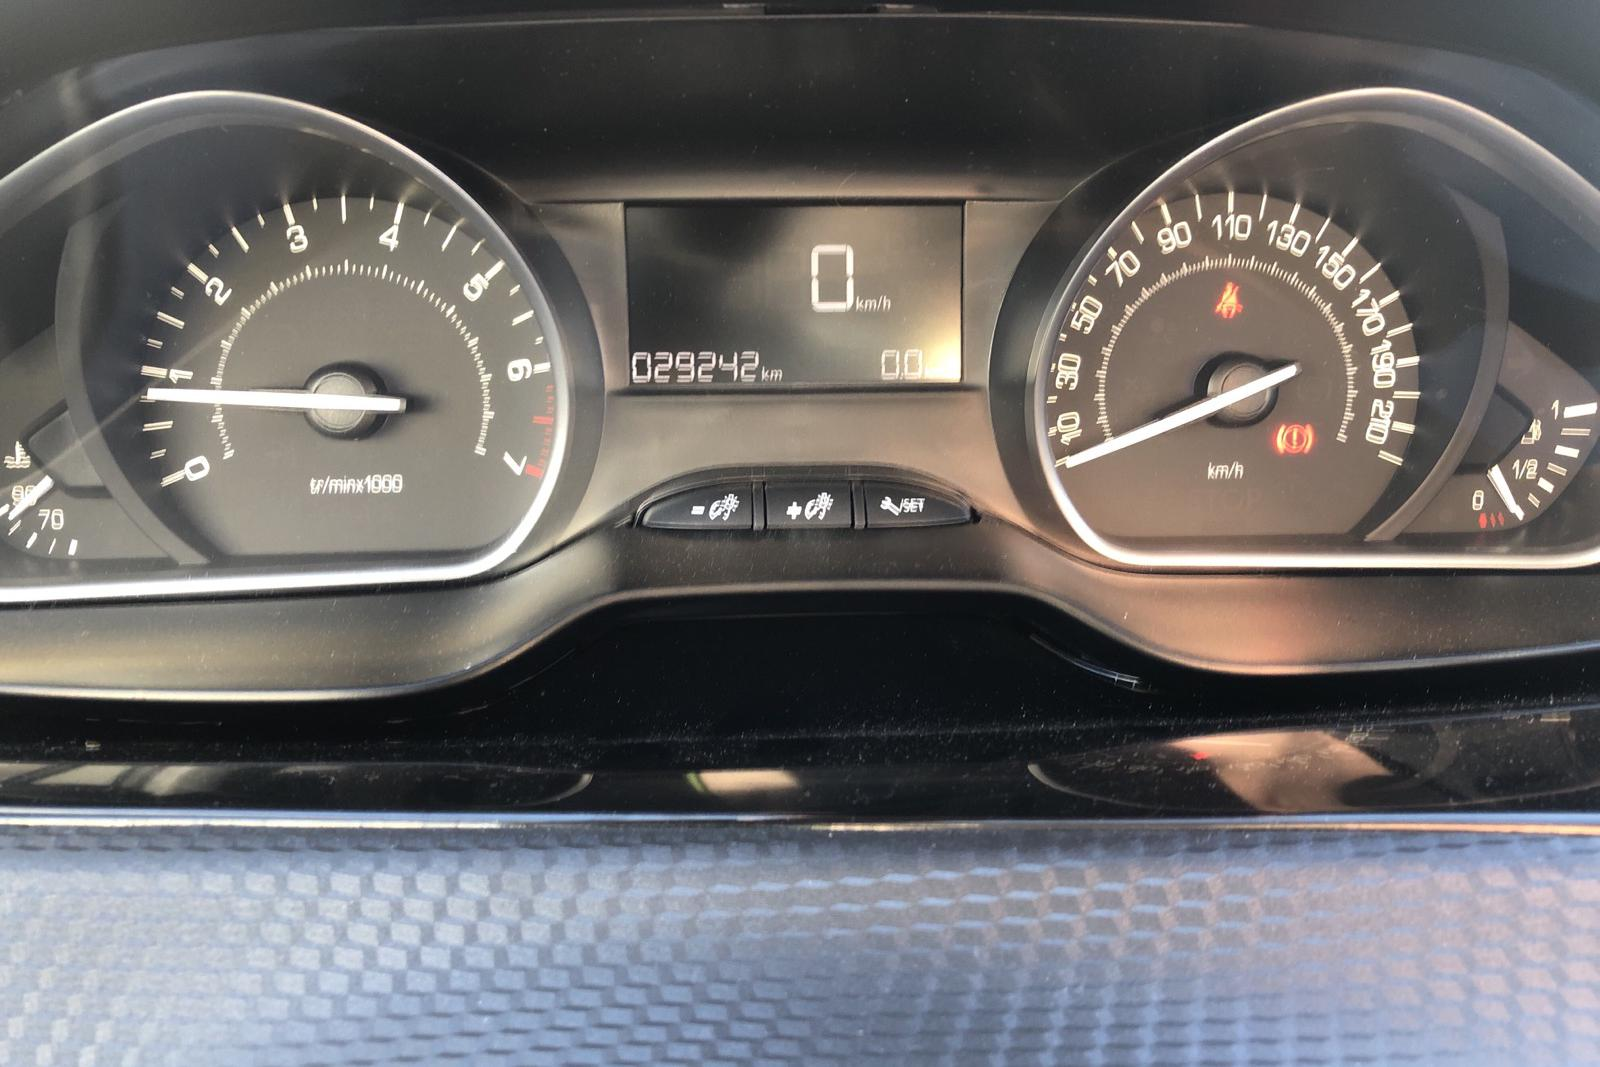 Peugeot 2008 1.2 VTi (82hk) - 29 240 km - Manual - white - 2017